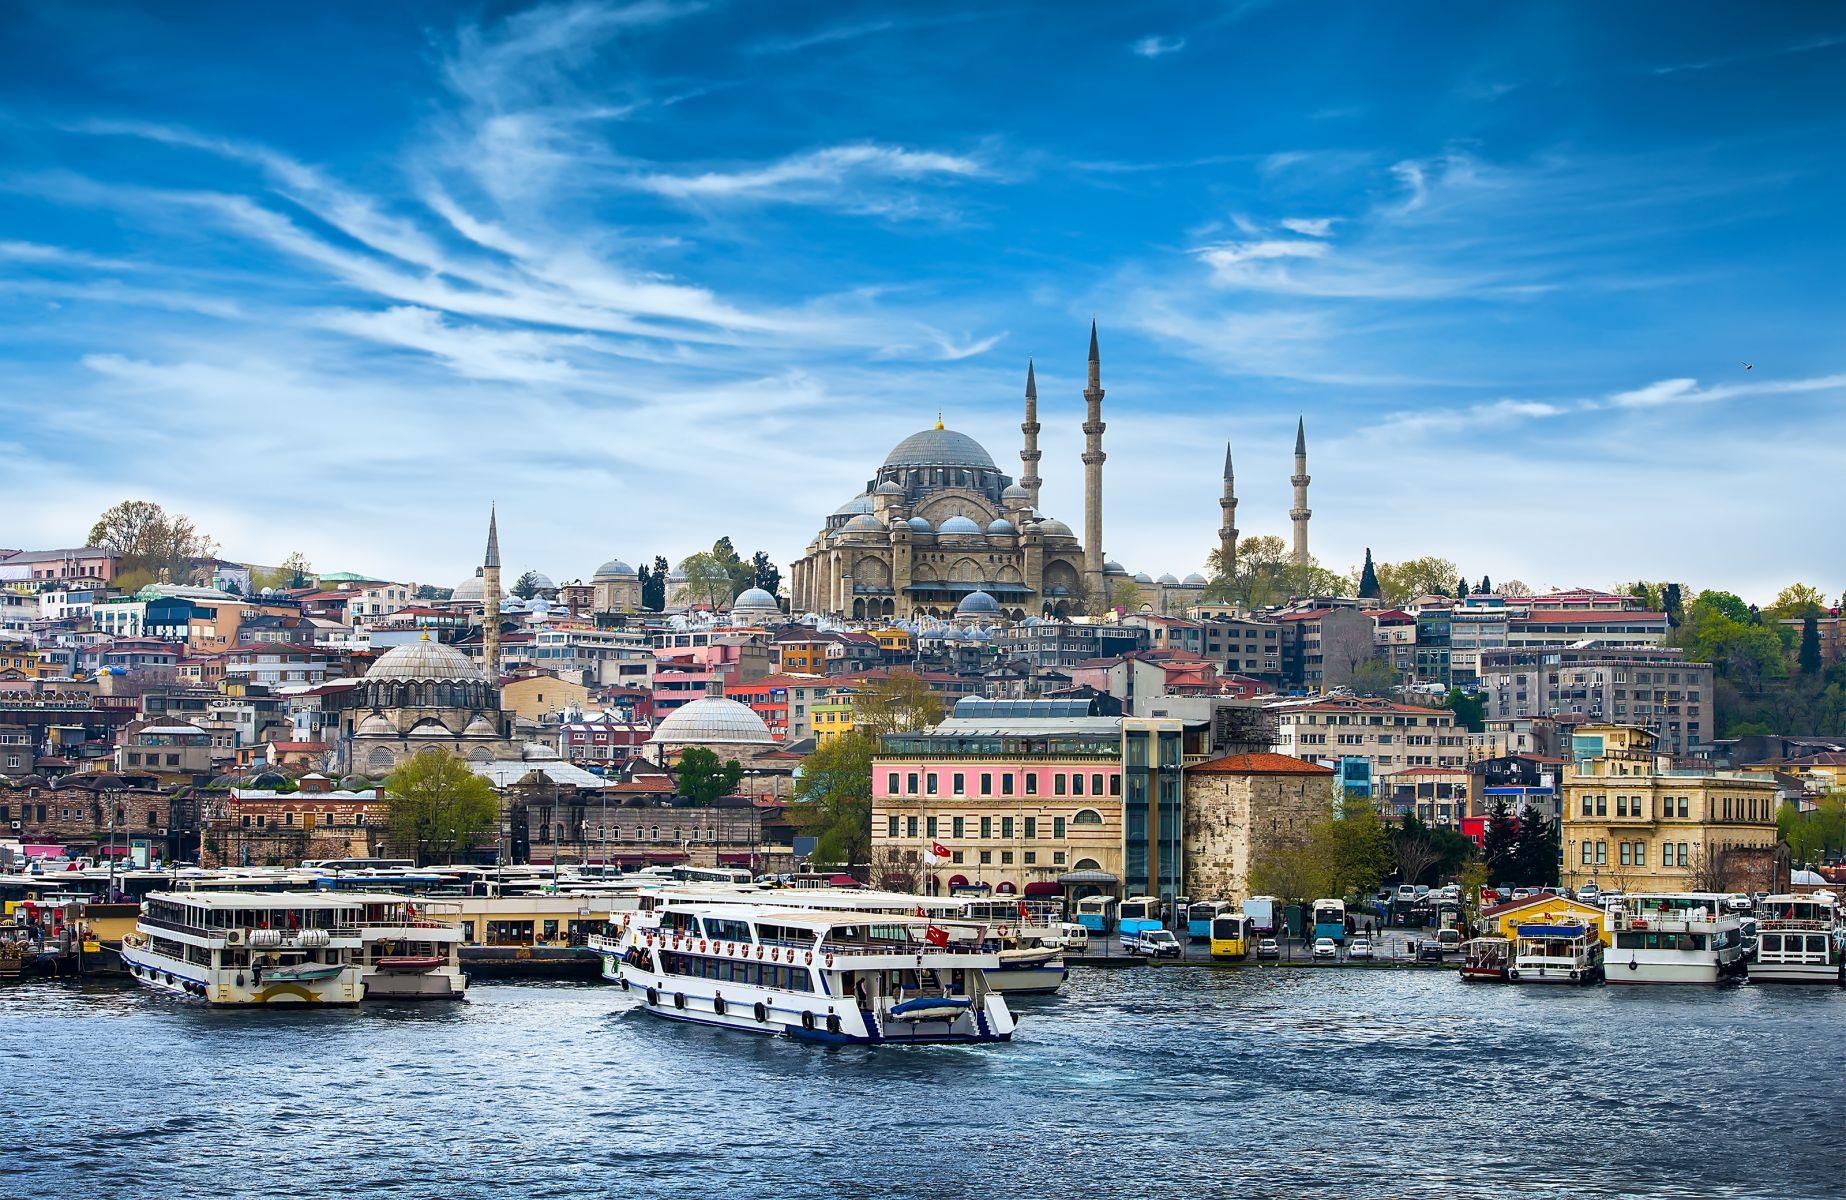 土耳其里拉大貶 反讓當地成購物旅遊天堂